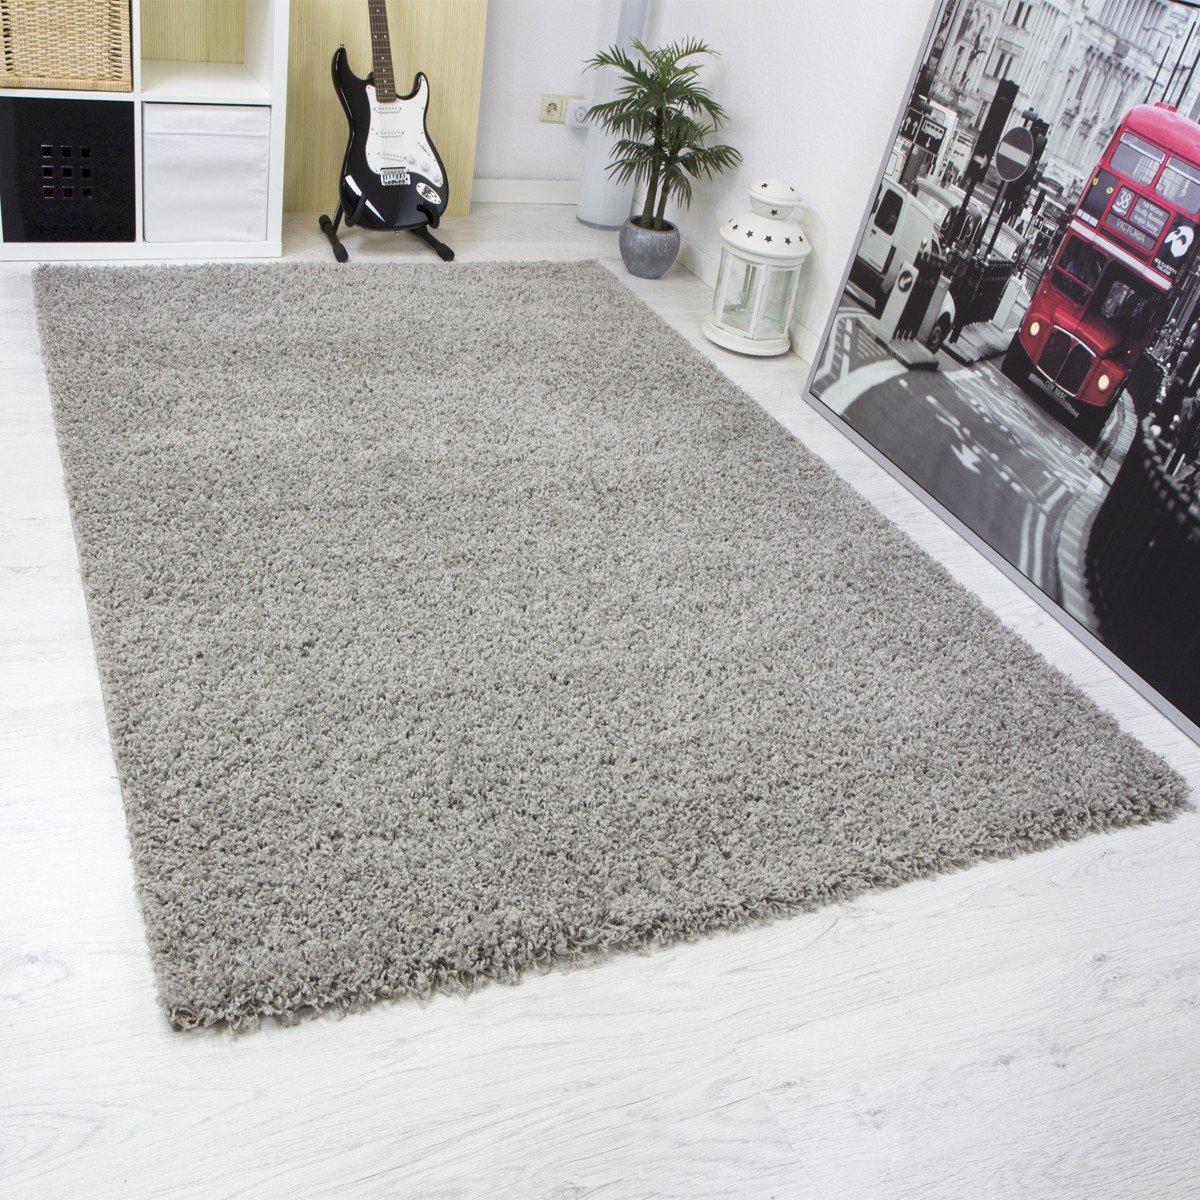 VIMODA Shaggy Teppich Wohnzimmer Hochflor Langflor Teppiche Uni Farben Hohe Qualität Schwarz Grau Rot Lila Grün Creme Braun 160x230 cm